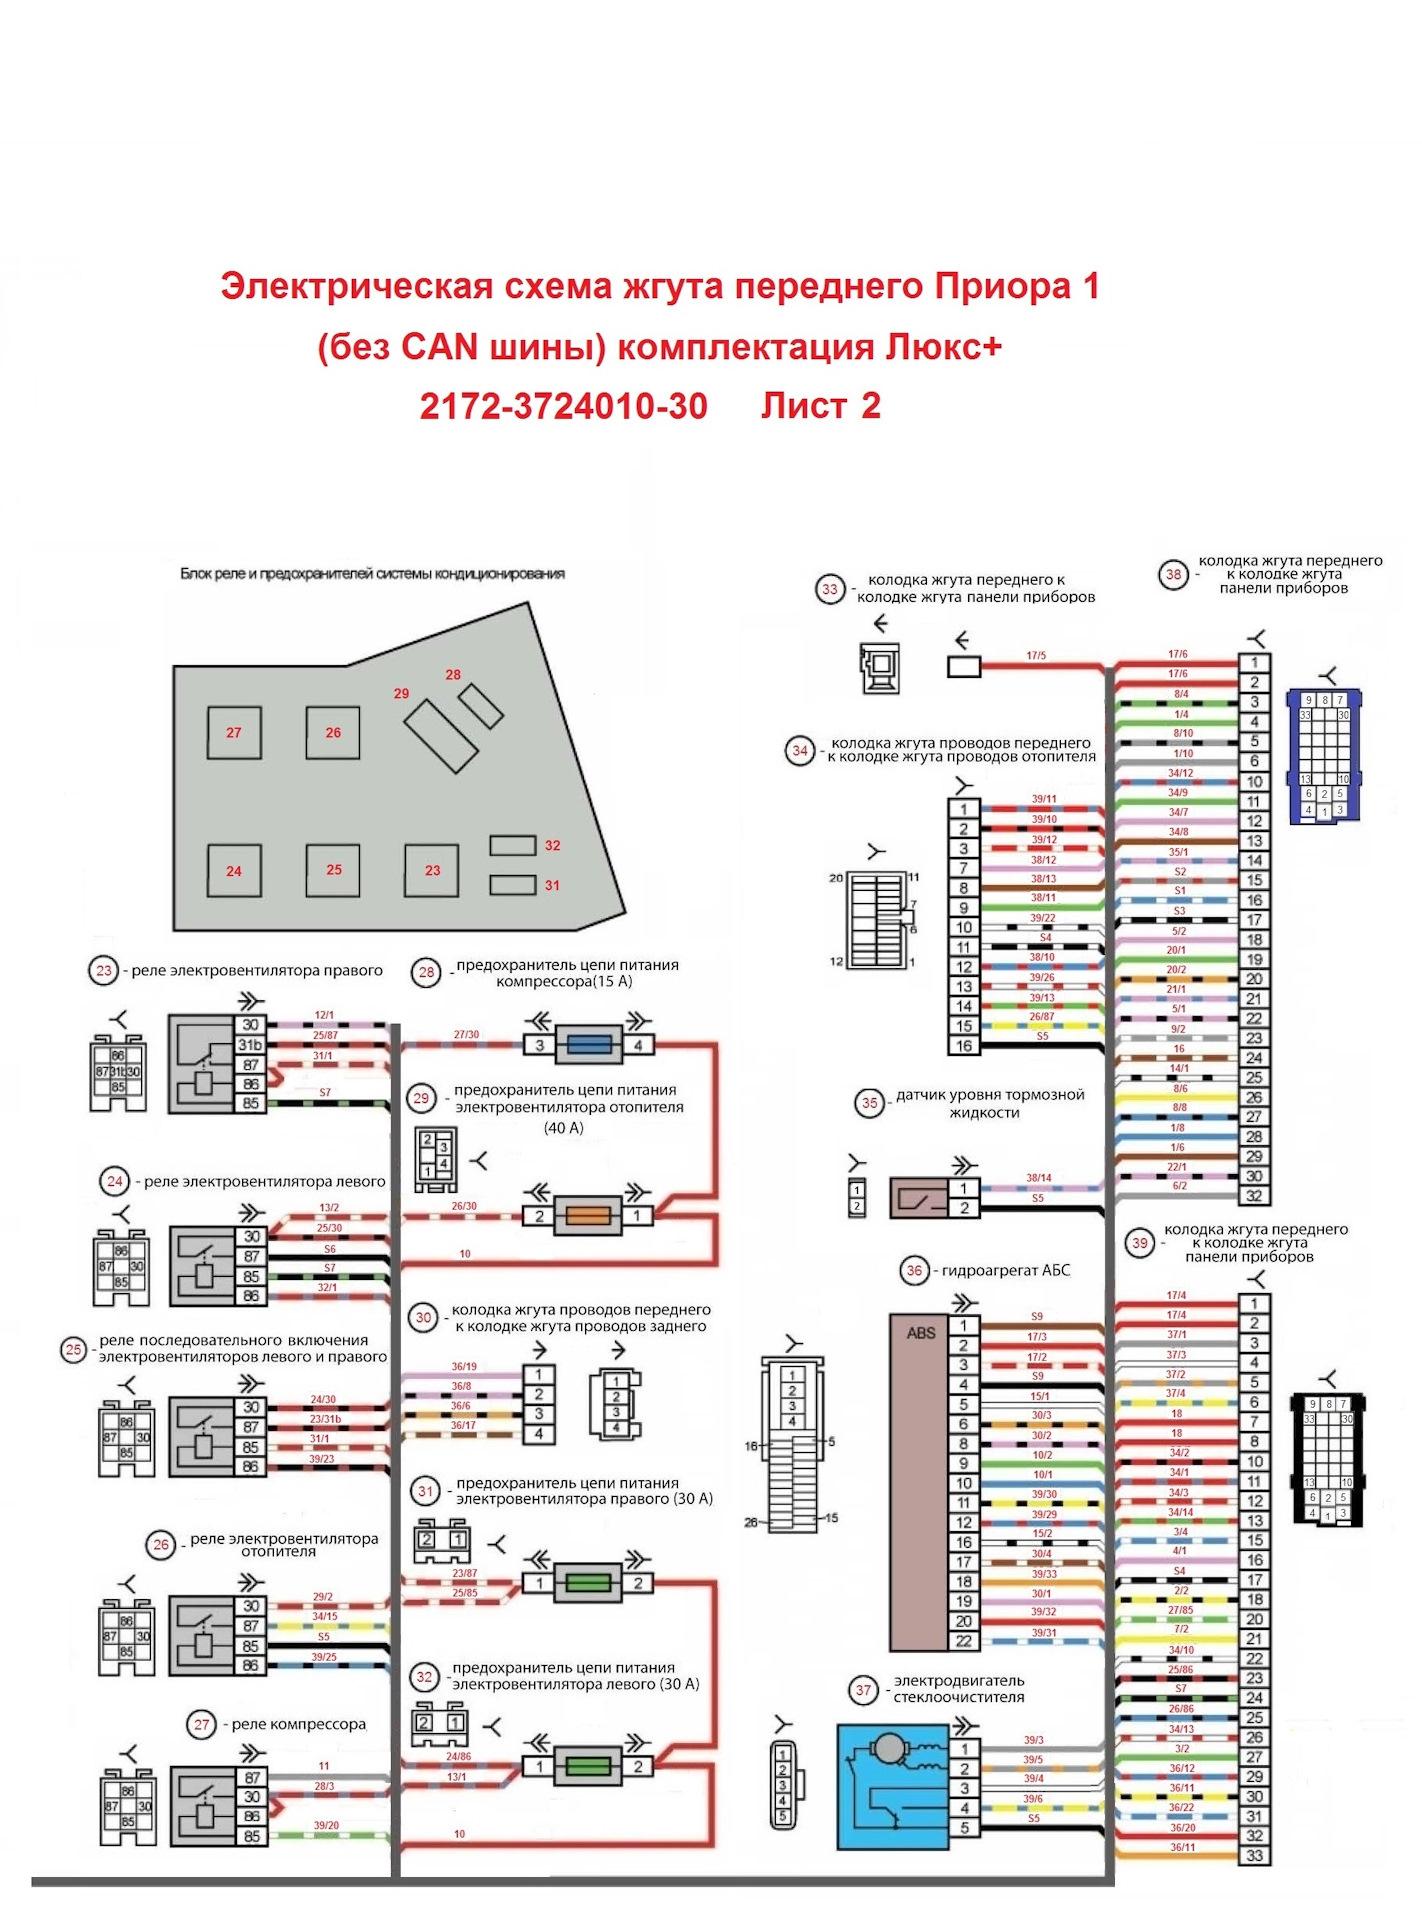 Схема компрессора на приору